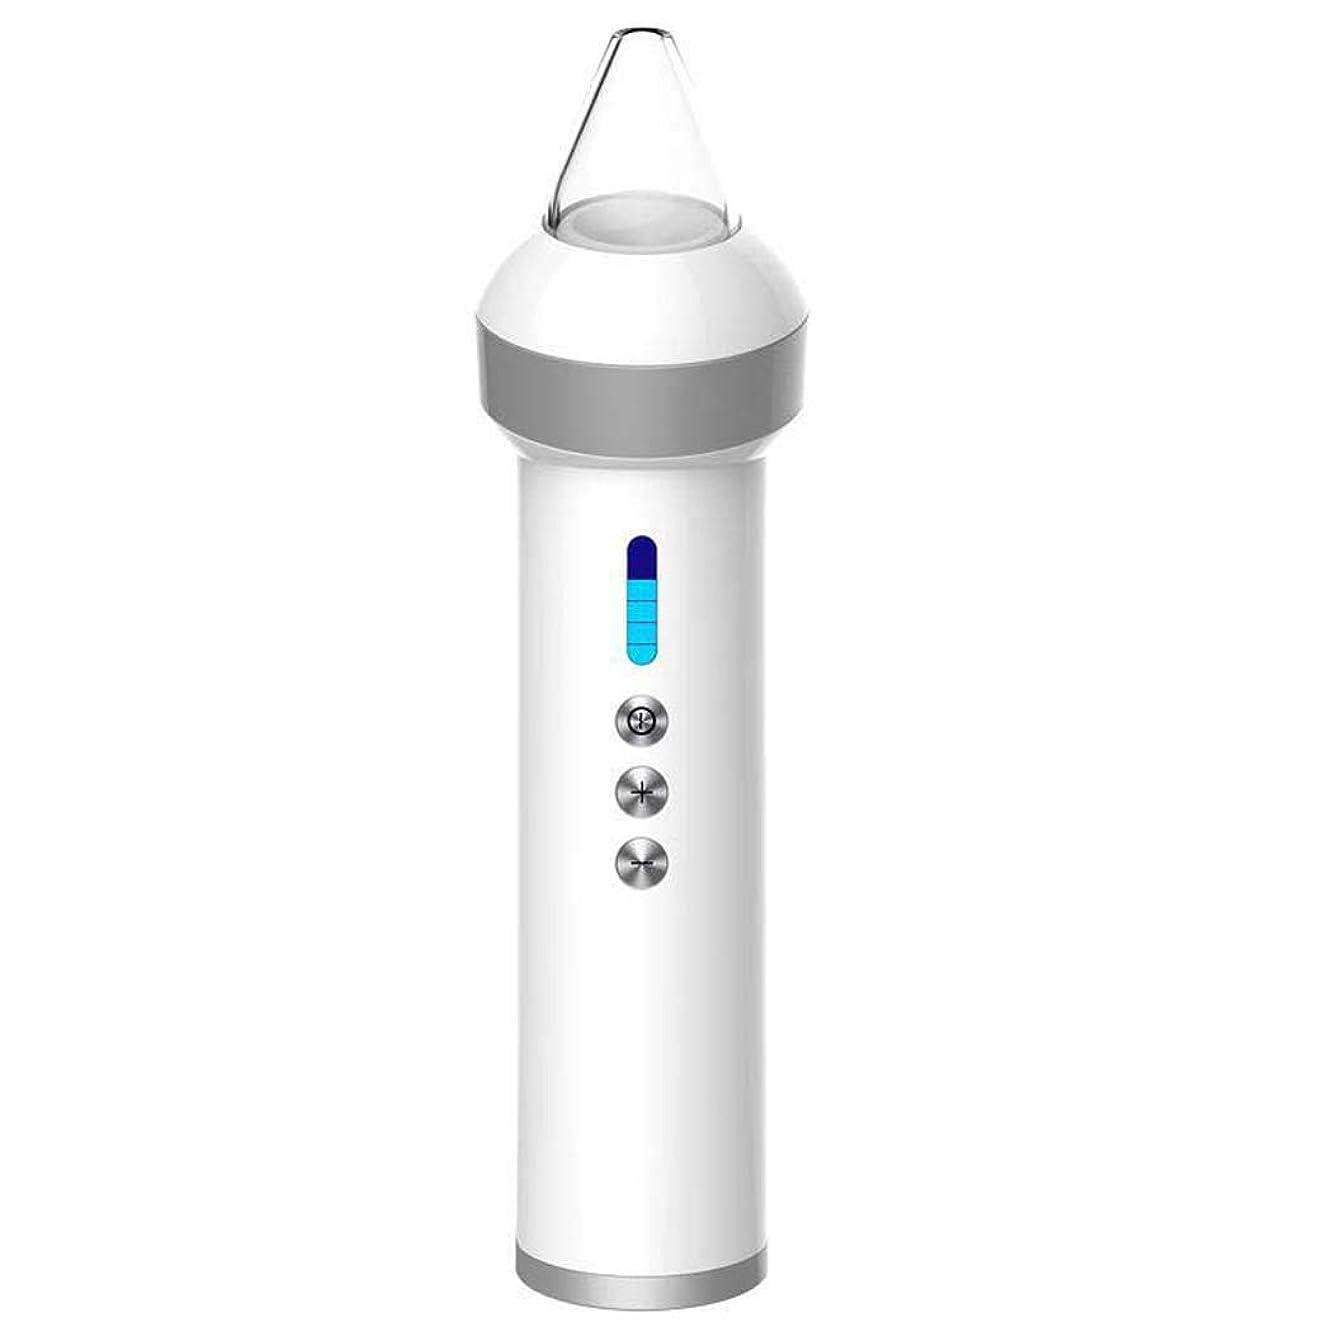 方法未接続異常な電気にきび楽器電気にきびにきび抽出器USB充電式電気皮膚毛穴クレンザー